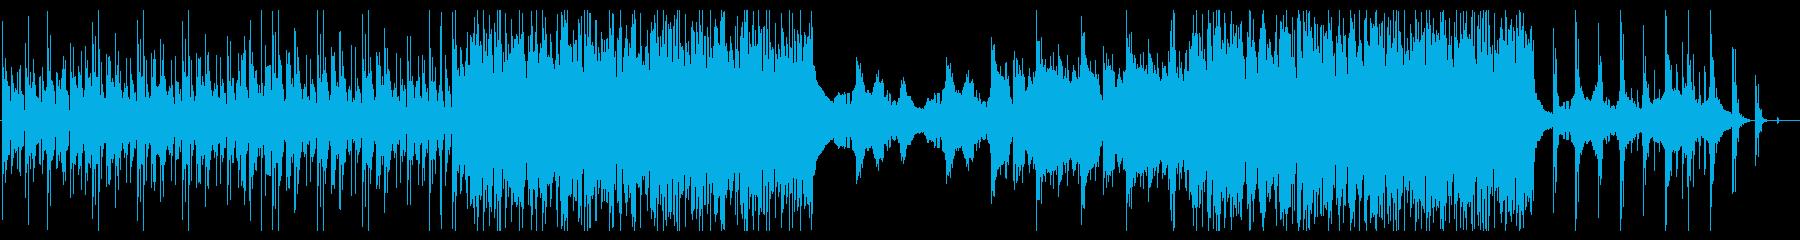 追跡の再生済みの波形